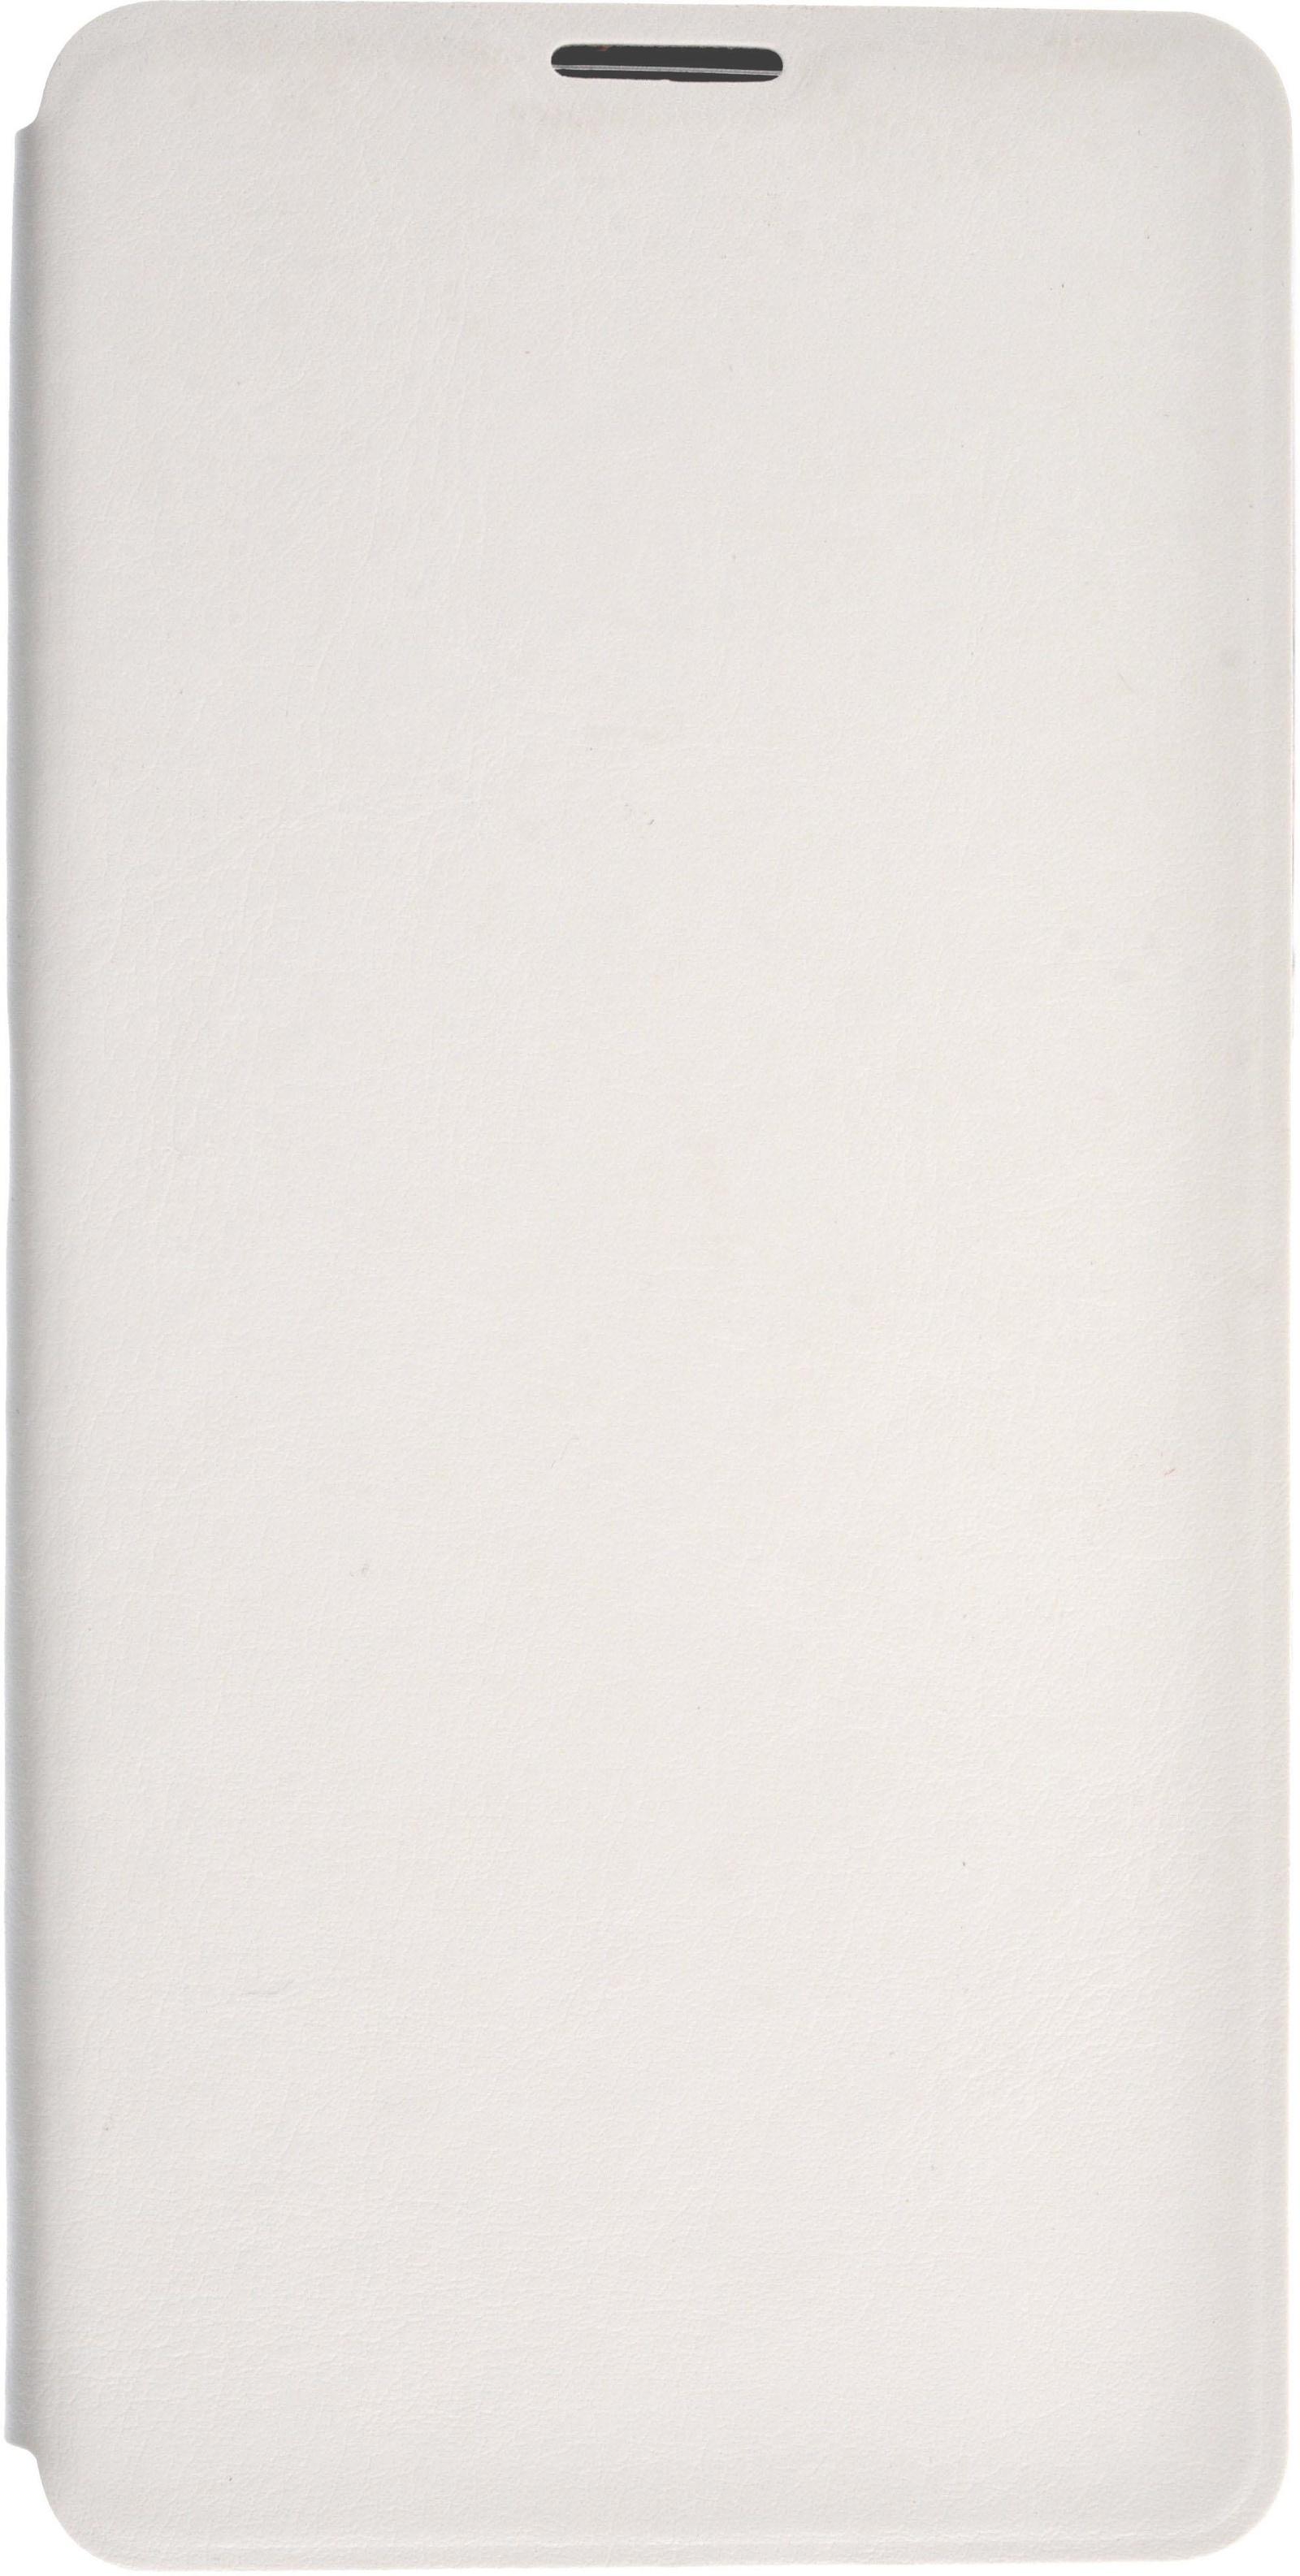 Чехол для сотового телефона skinBOX Lux, 4630042527416, белый чехол книжка для microsoft lumia 532 с магнитной застежкой золотой armor m